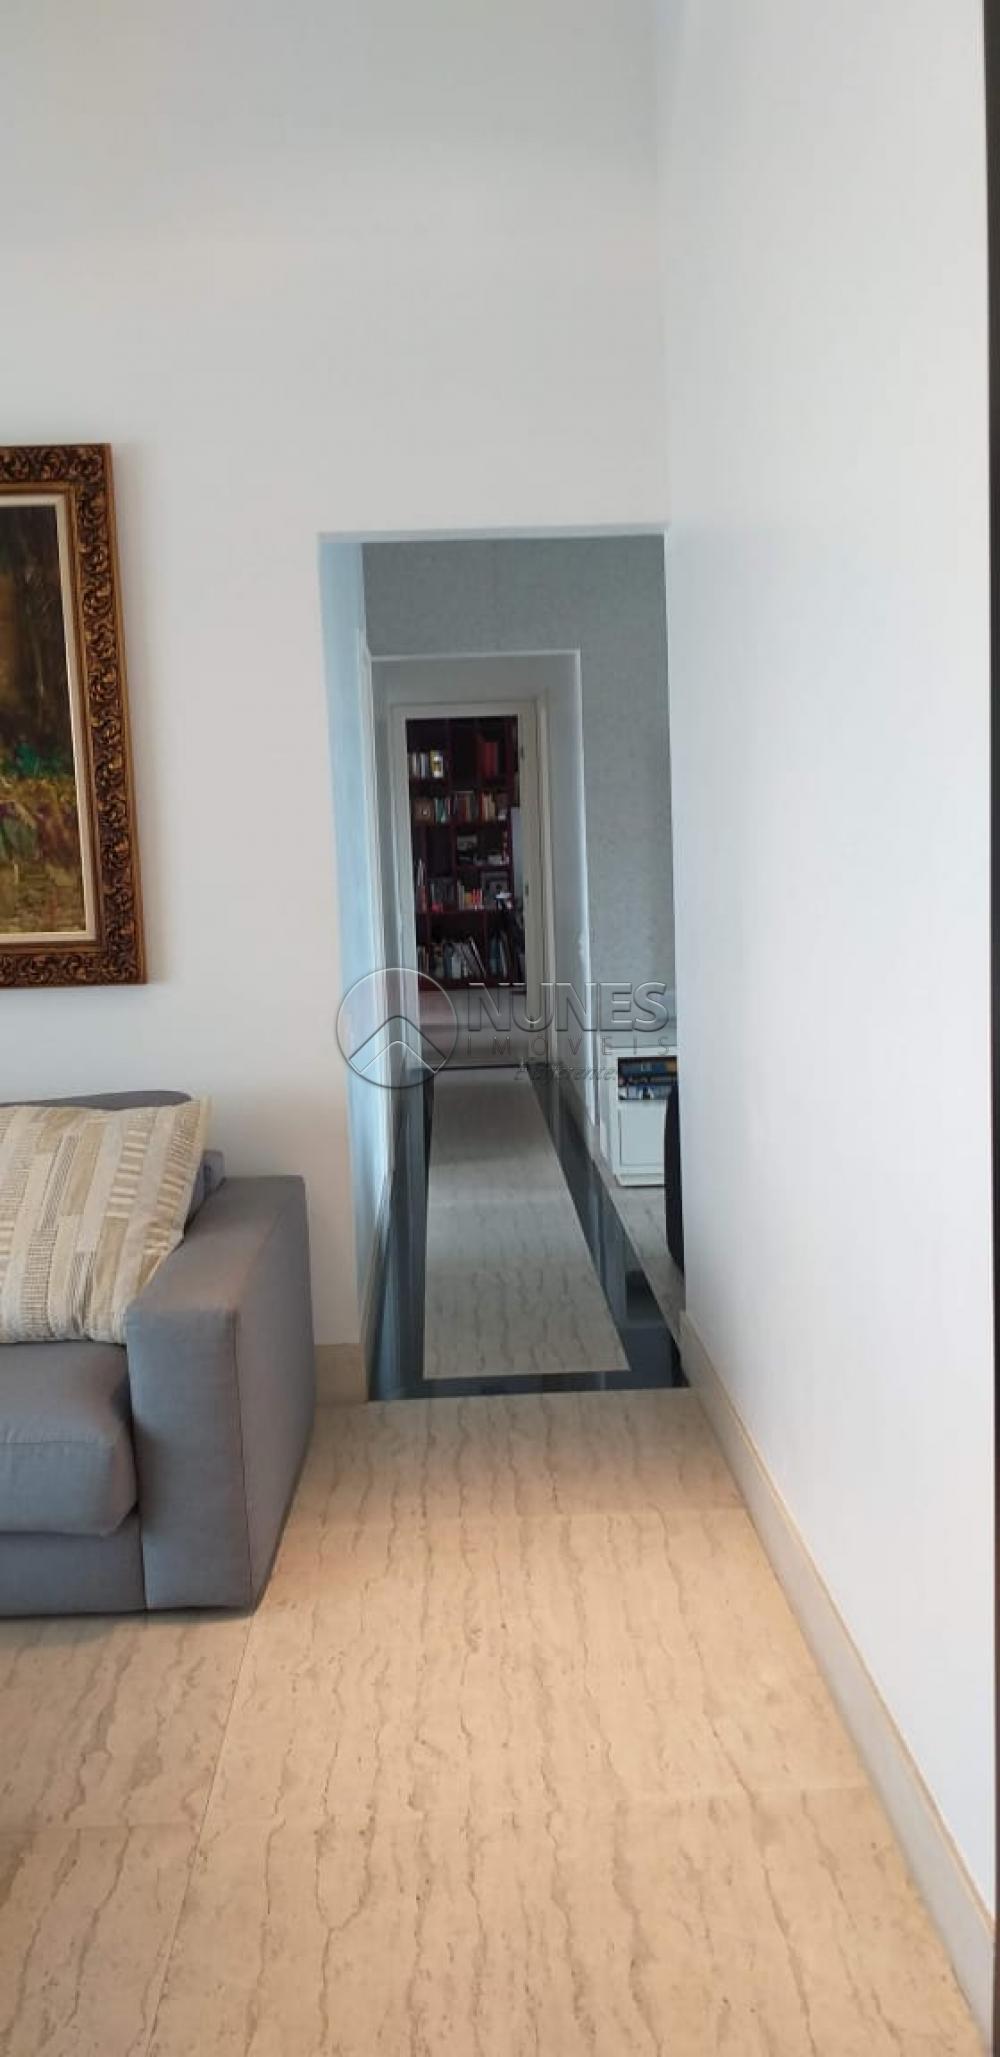 Comprar Apartamento / Padrão em São Paulo apenas R$ 1.915.000,00 - Foto 3